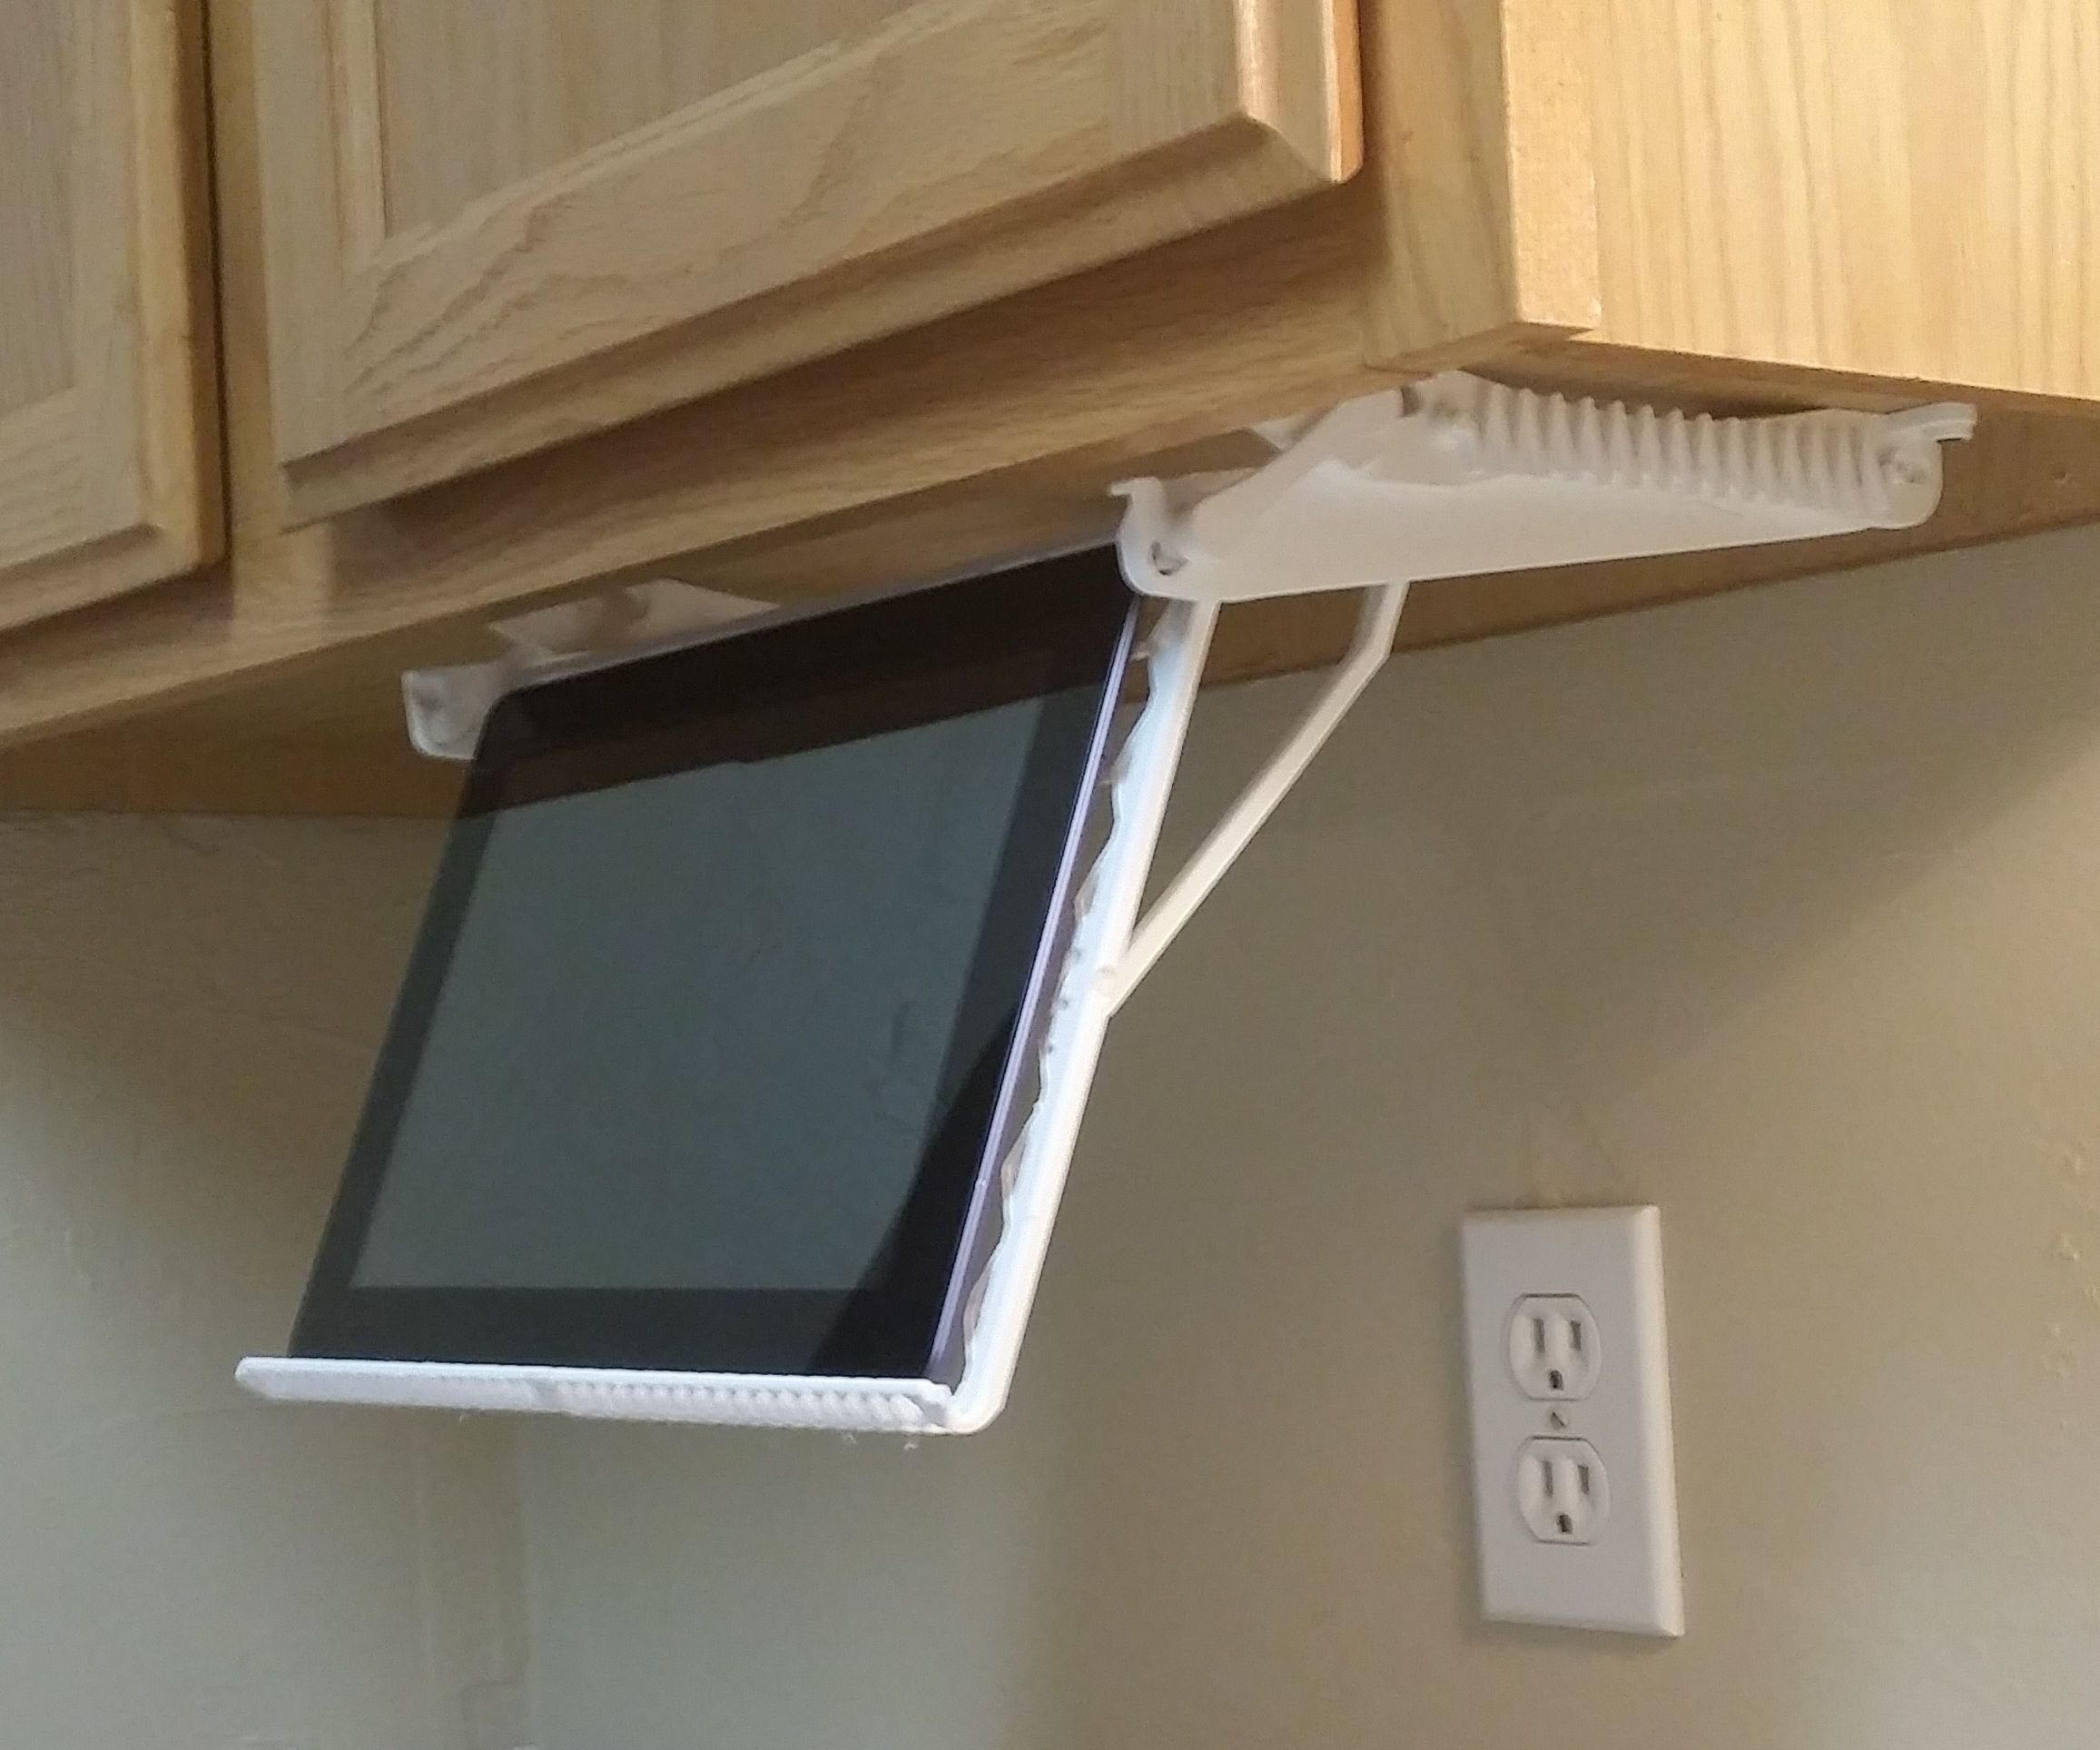 3D Printed Tablet Hider/holder